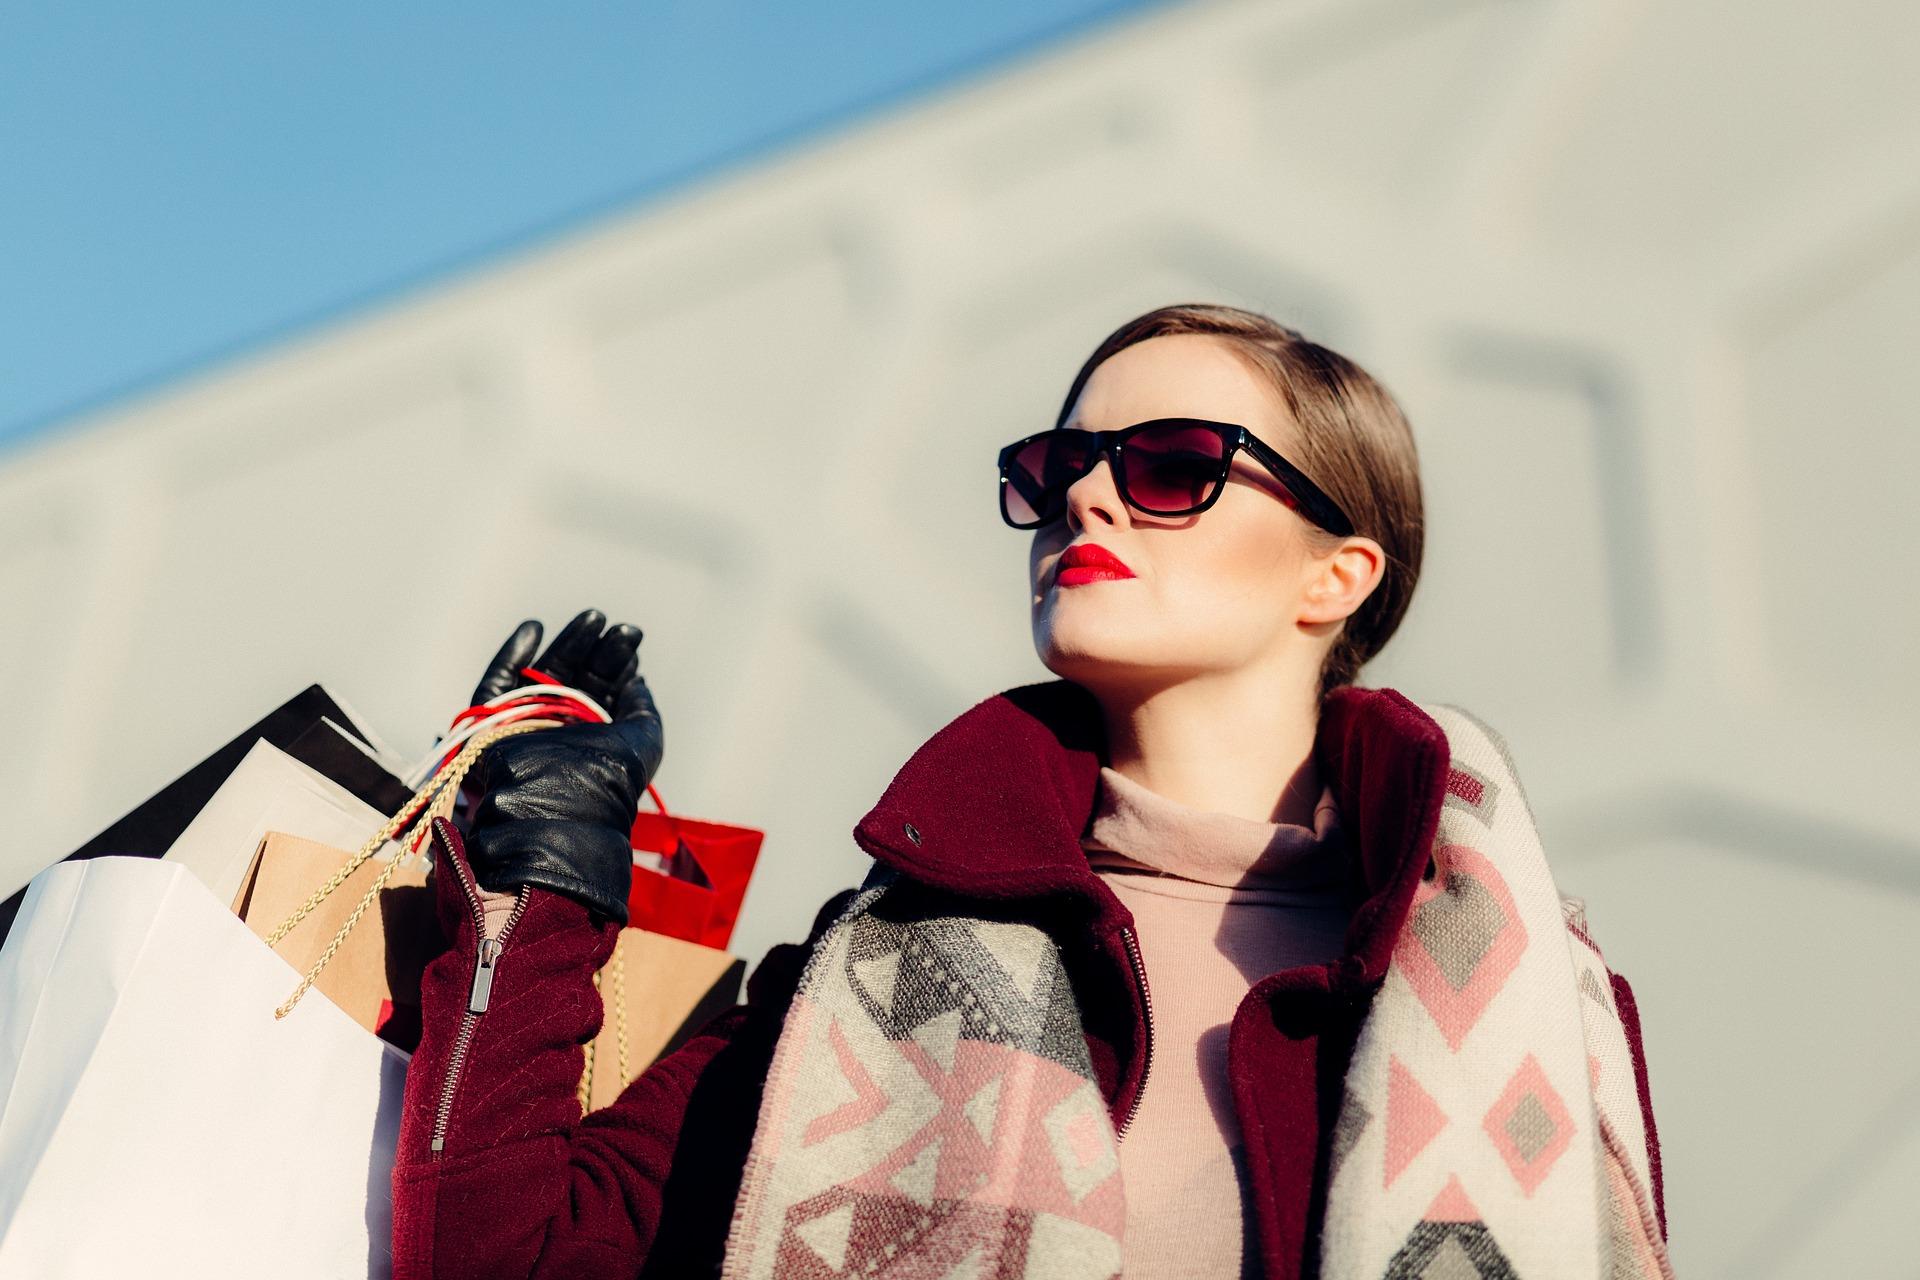 Schoppen im Urlaub natürlich, allerdings sollte die Sonnenbrille schon bei der Anreise am start sein